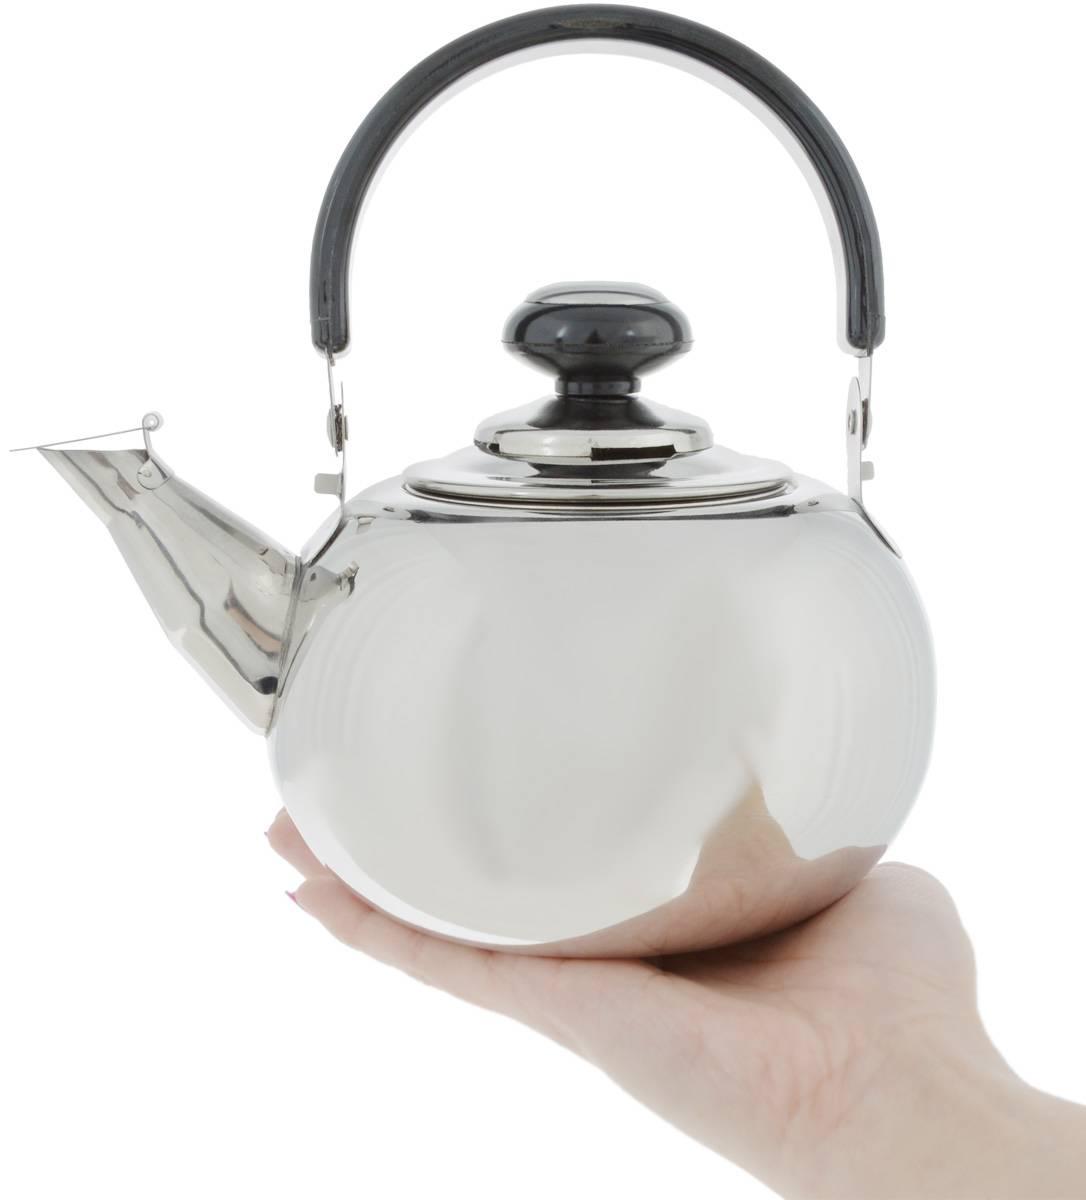 Заварочный чайник (42 фото): посуда для заварки чая, модели с кнопкой и ситечком, марки gipfel и taller, mayer & boch и bodum